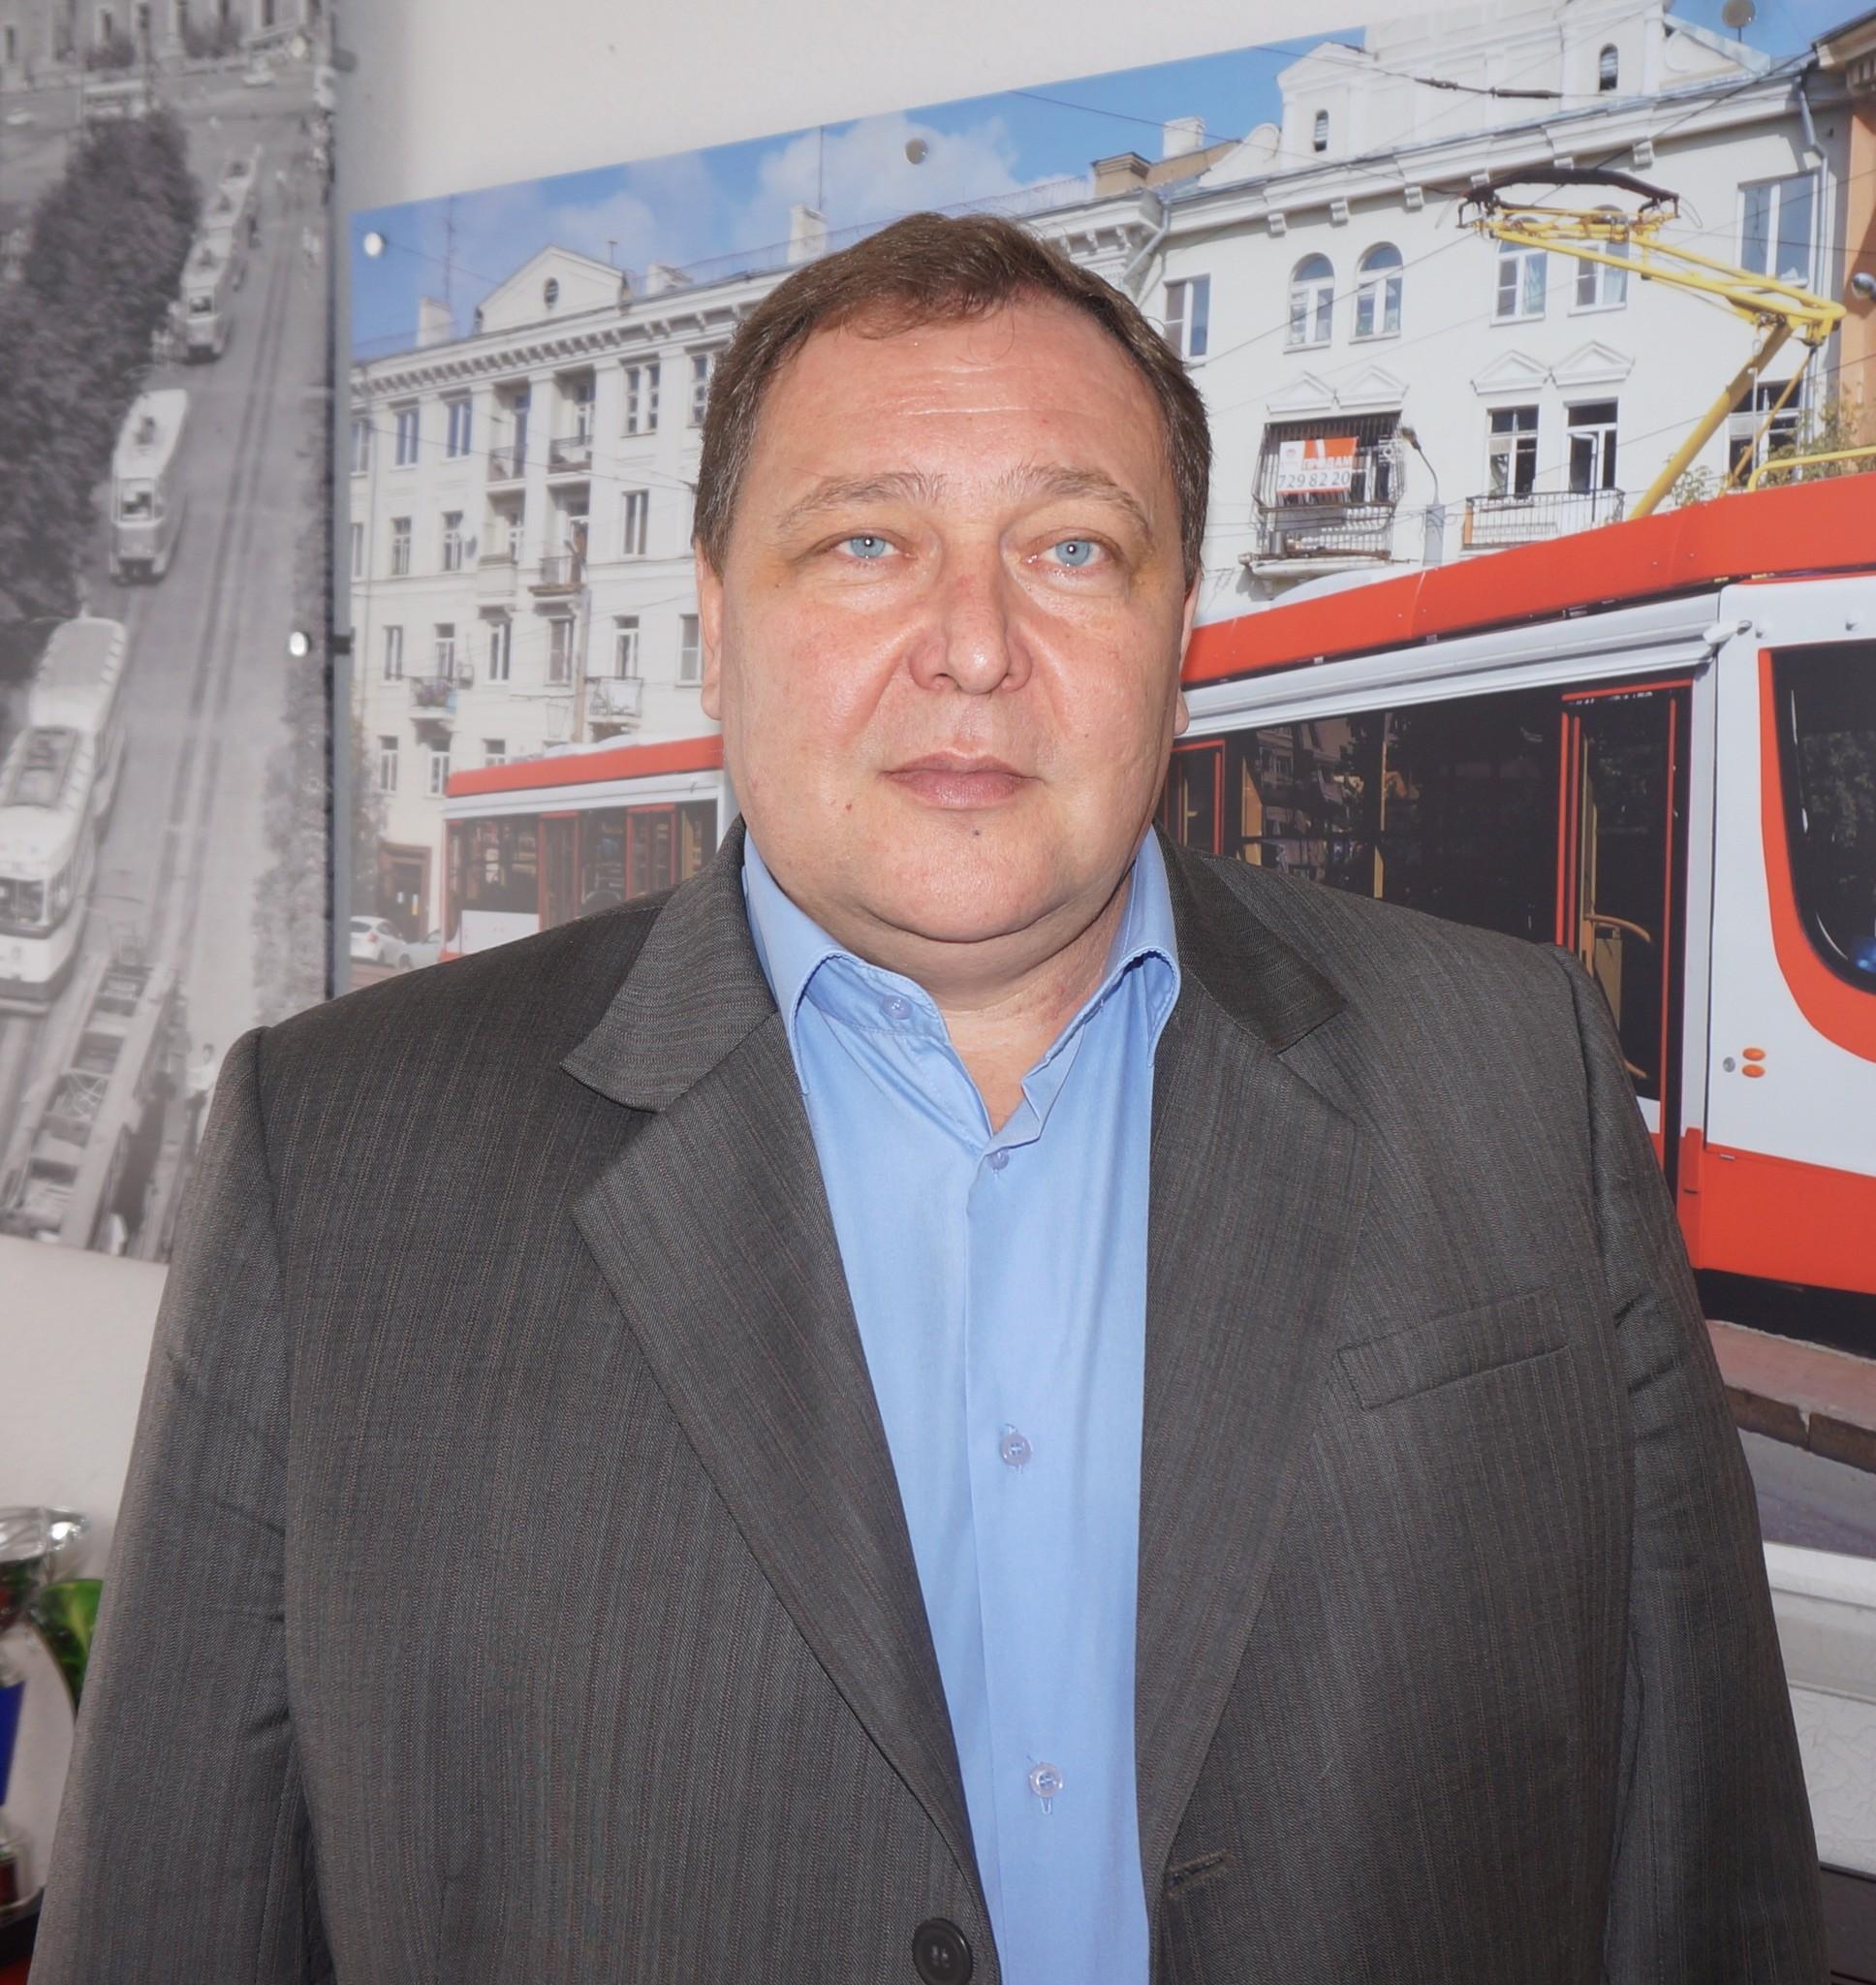 Александр Портье, директор МУП «Челябгорэлектротранс» («ЧелябГЭТ»)